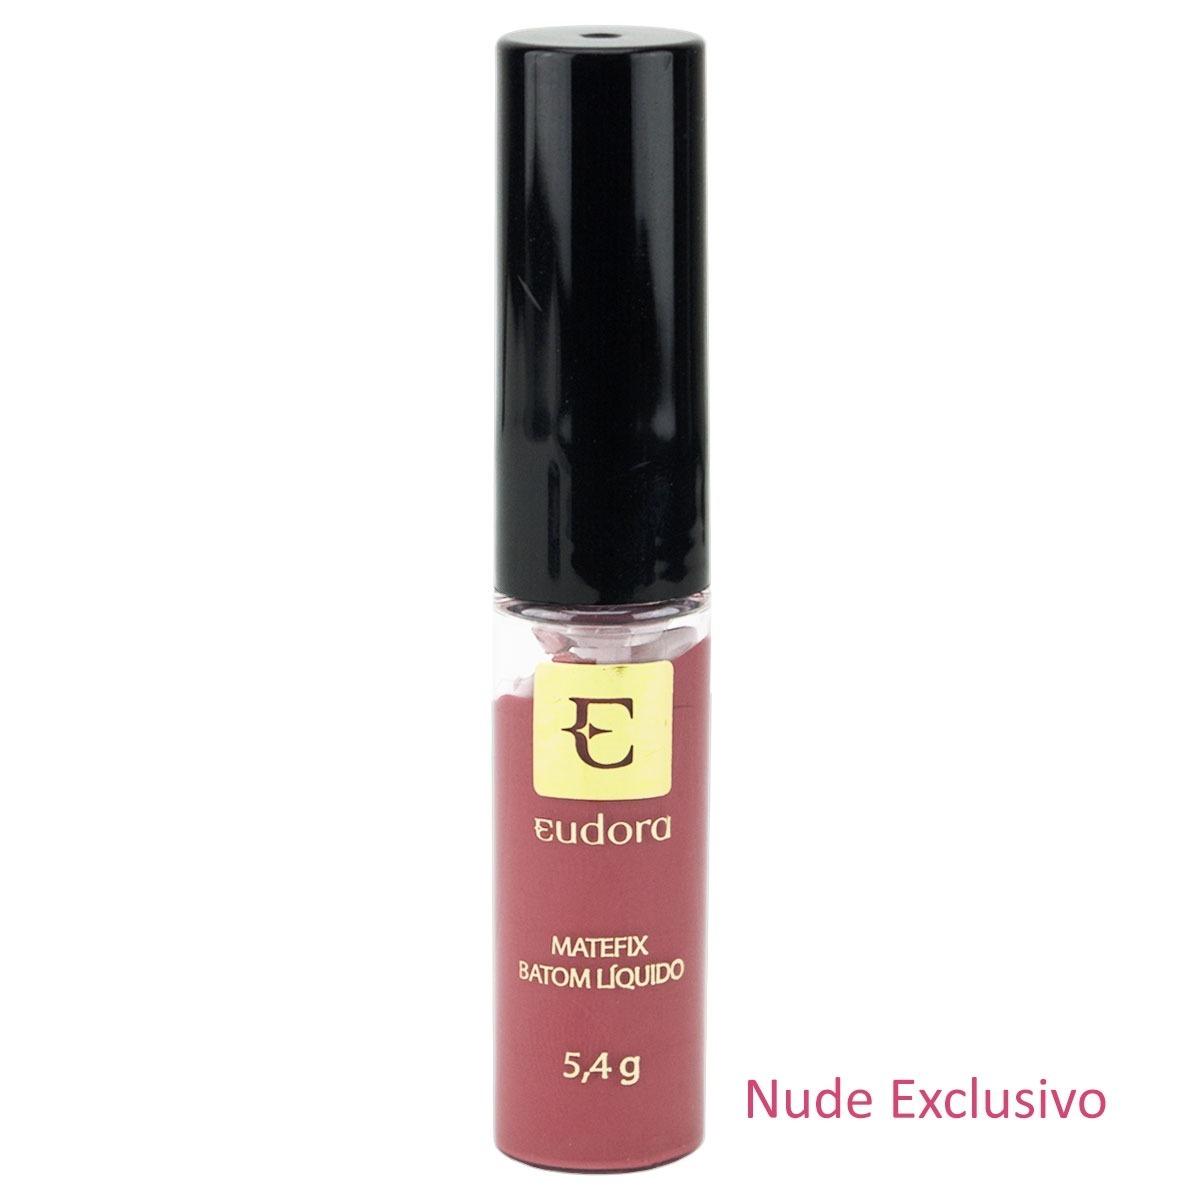 Batom Nude Exclusivo Matefix Eudora - R$ 32,40 em Mercado